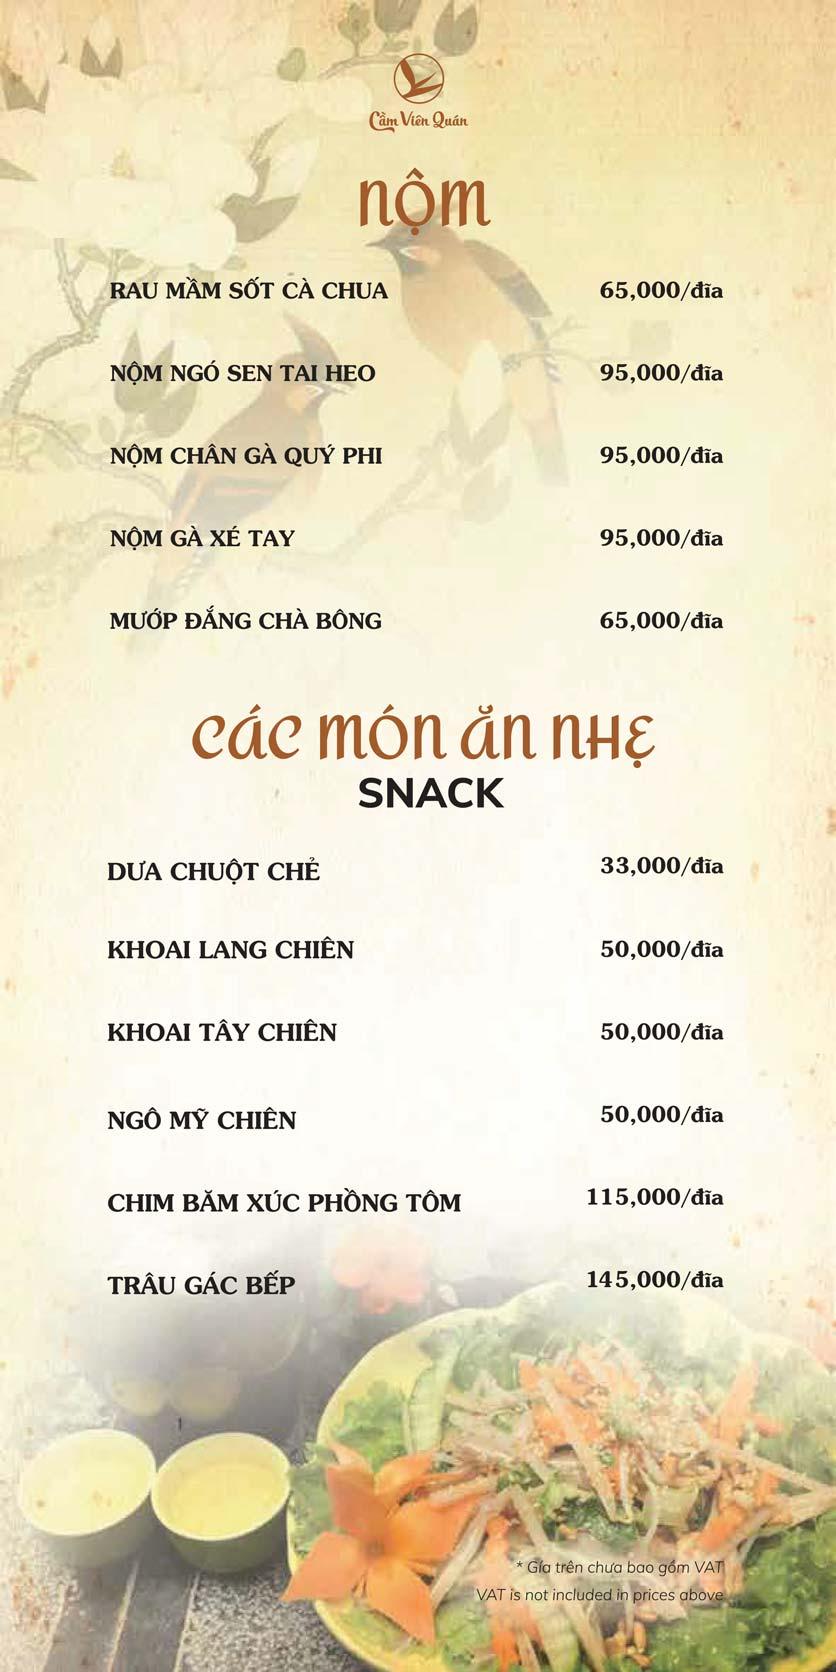 Menu Cầm Viên Quán - Nguyễn Văn Lộc 2